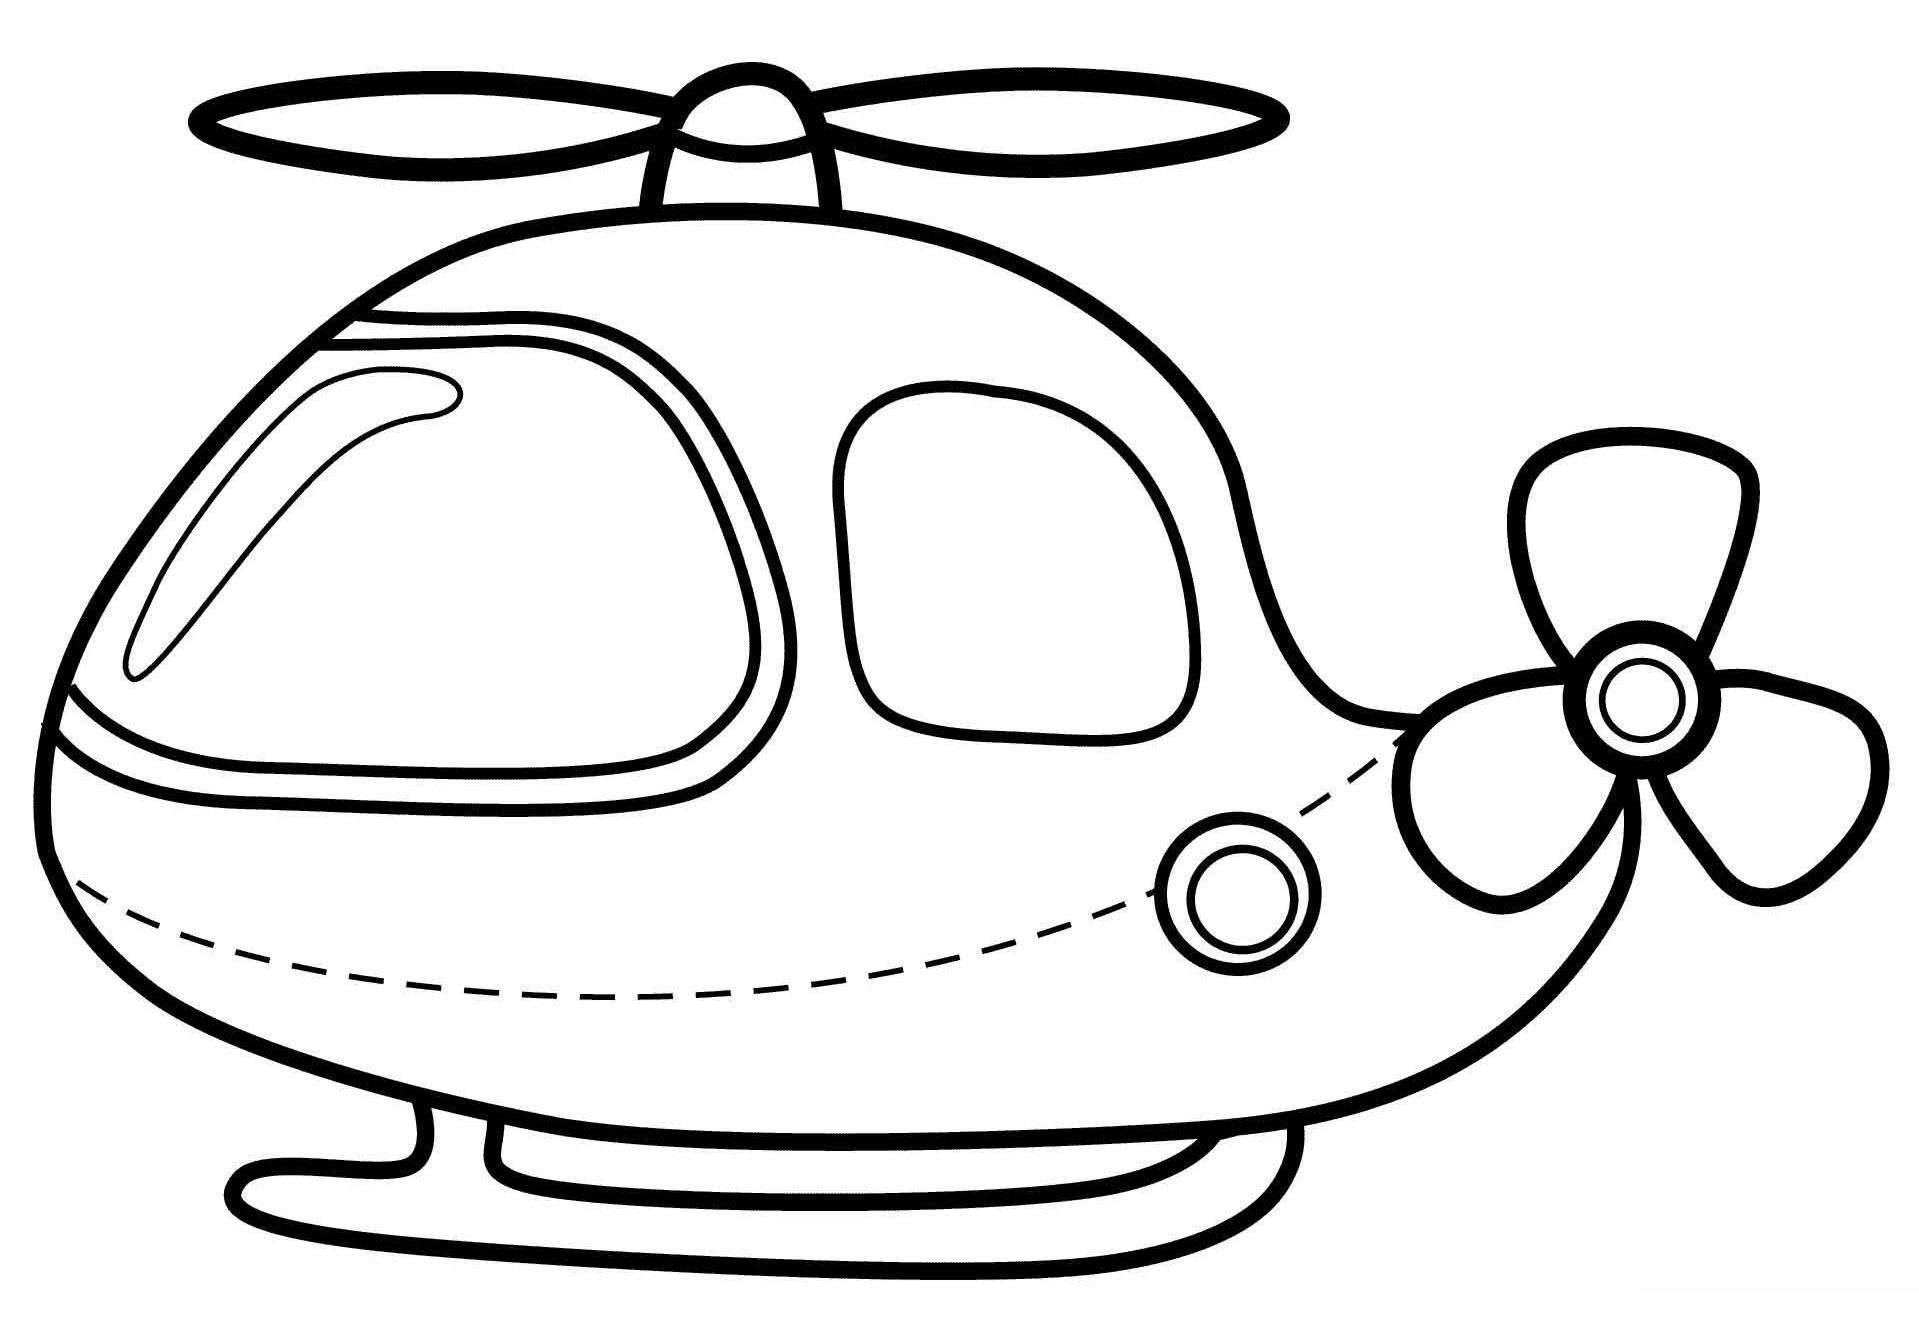 Самолеты и вертолеты рисунок черно белый